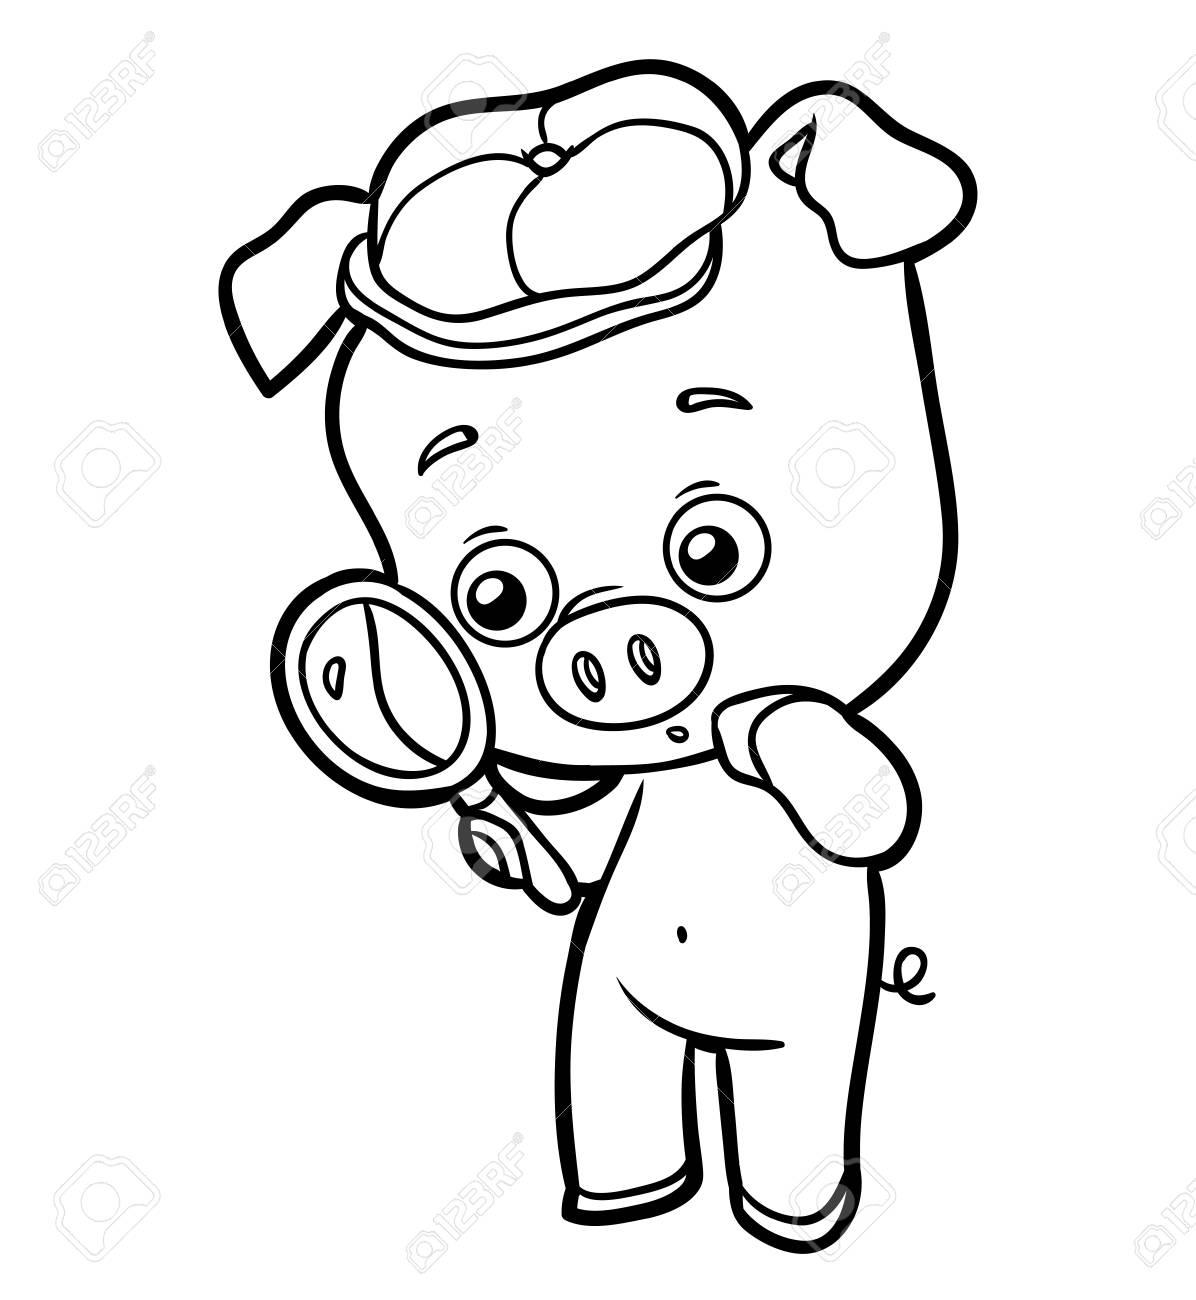 Libro De Colorear Para Niños - Cerdo Con Una Lupa Ilustraciones ...